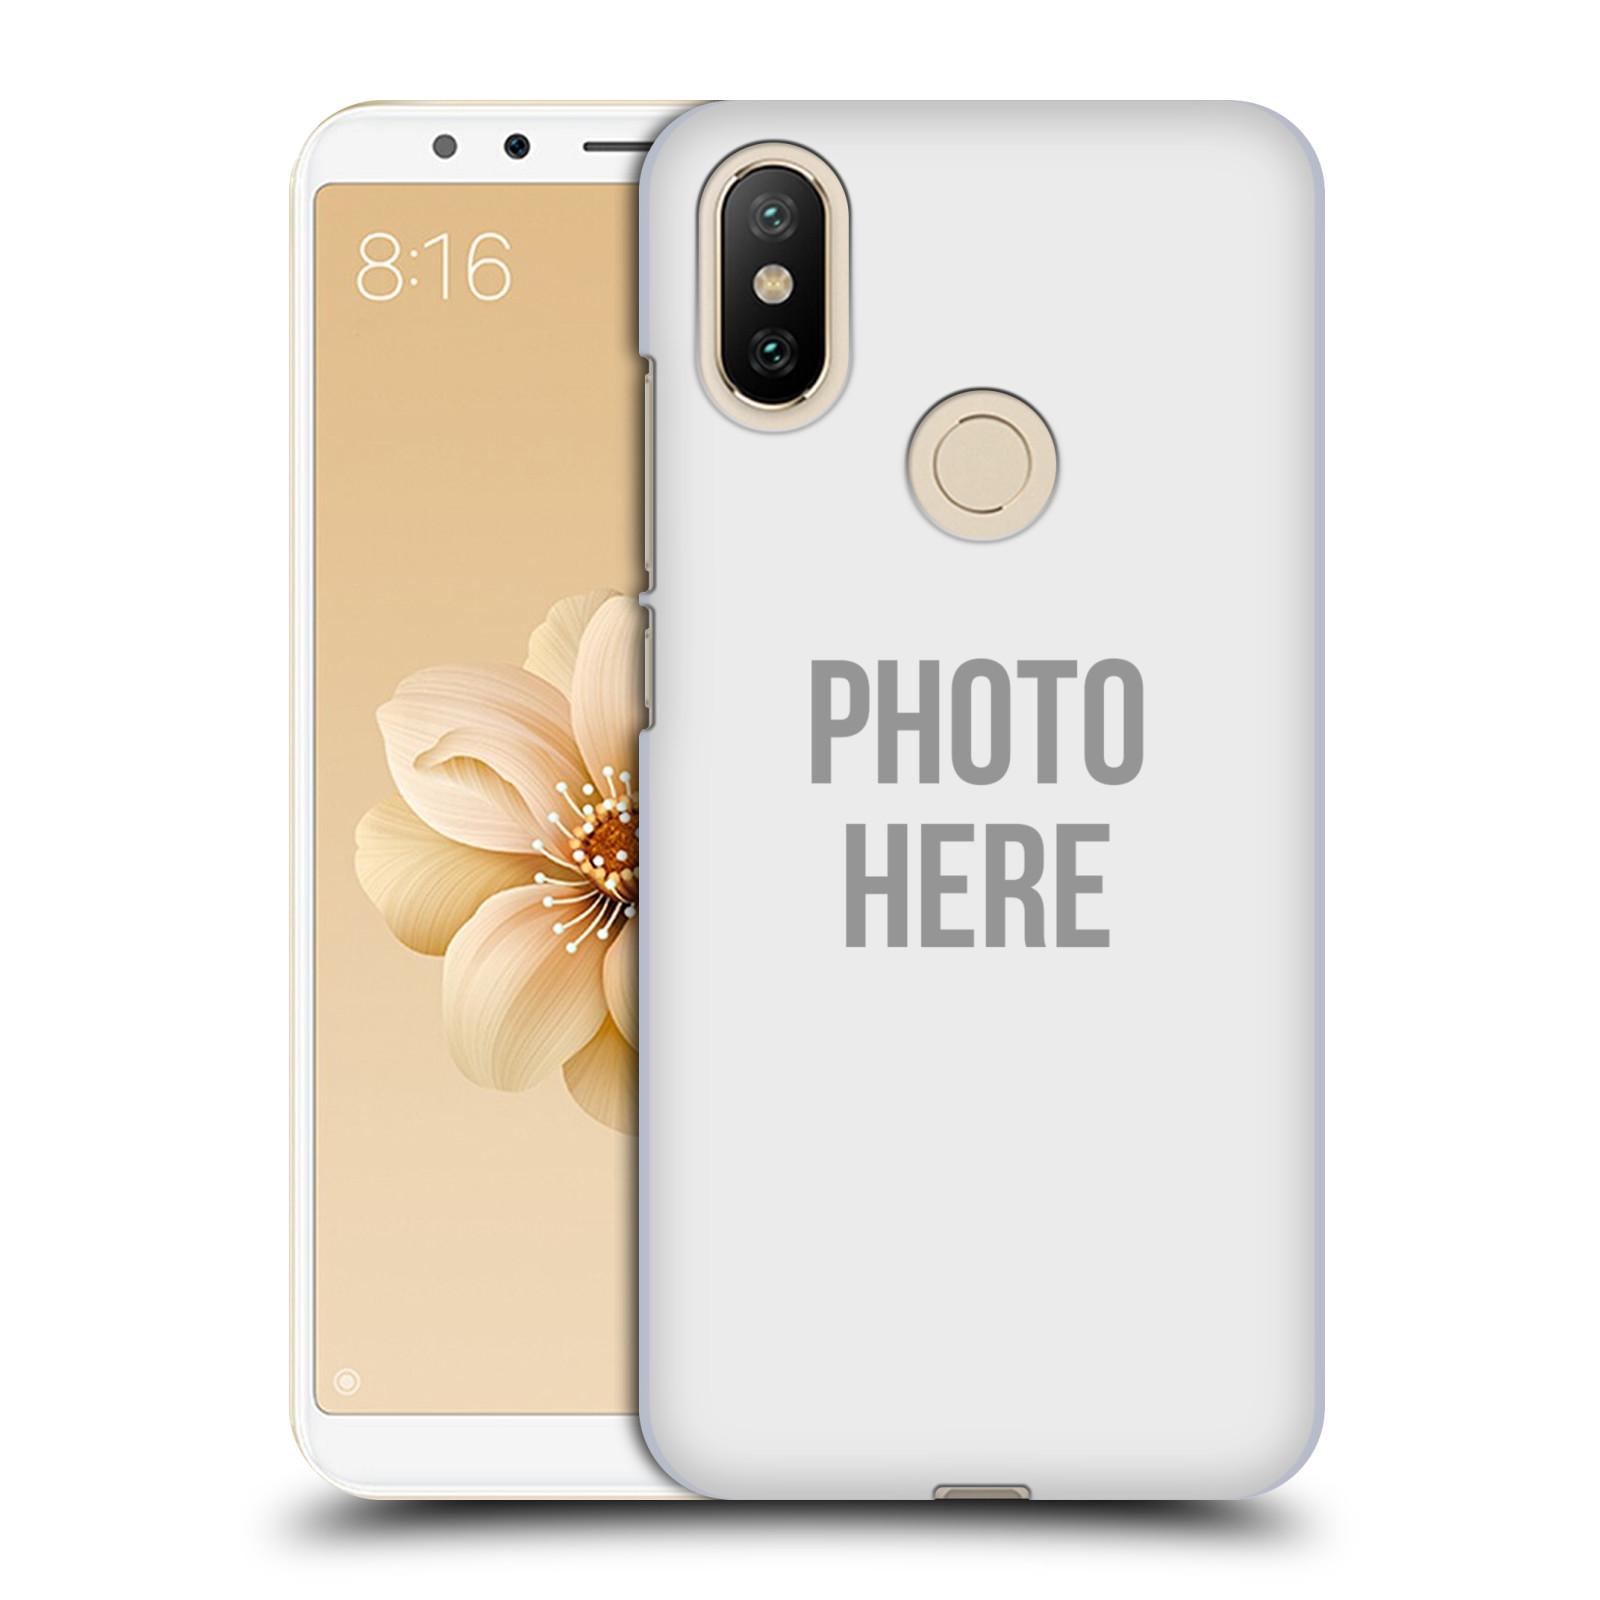 Plastové pouzdro na mobil Xiaomi Mi A2 - Head Case - s vlastním motivem